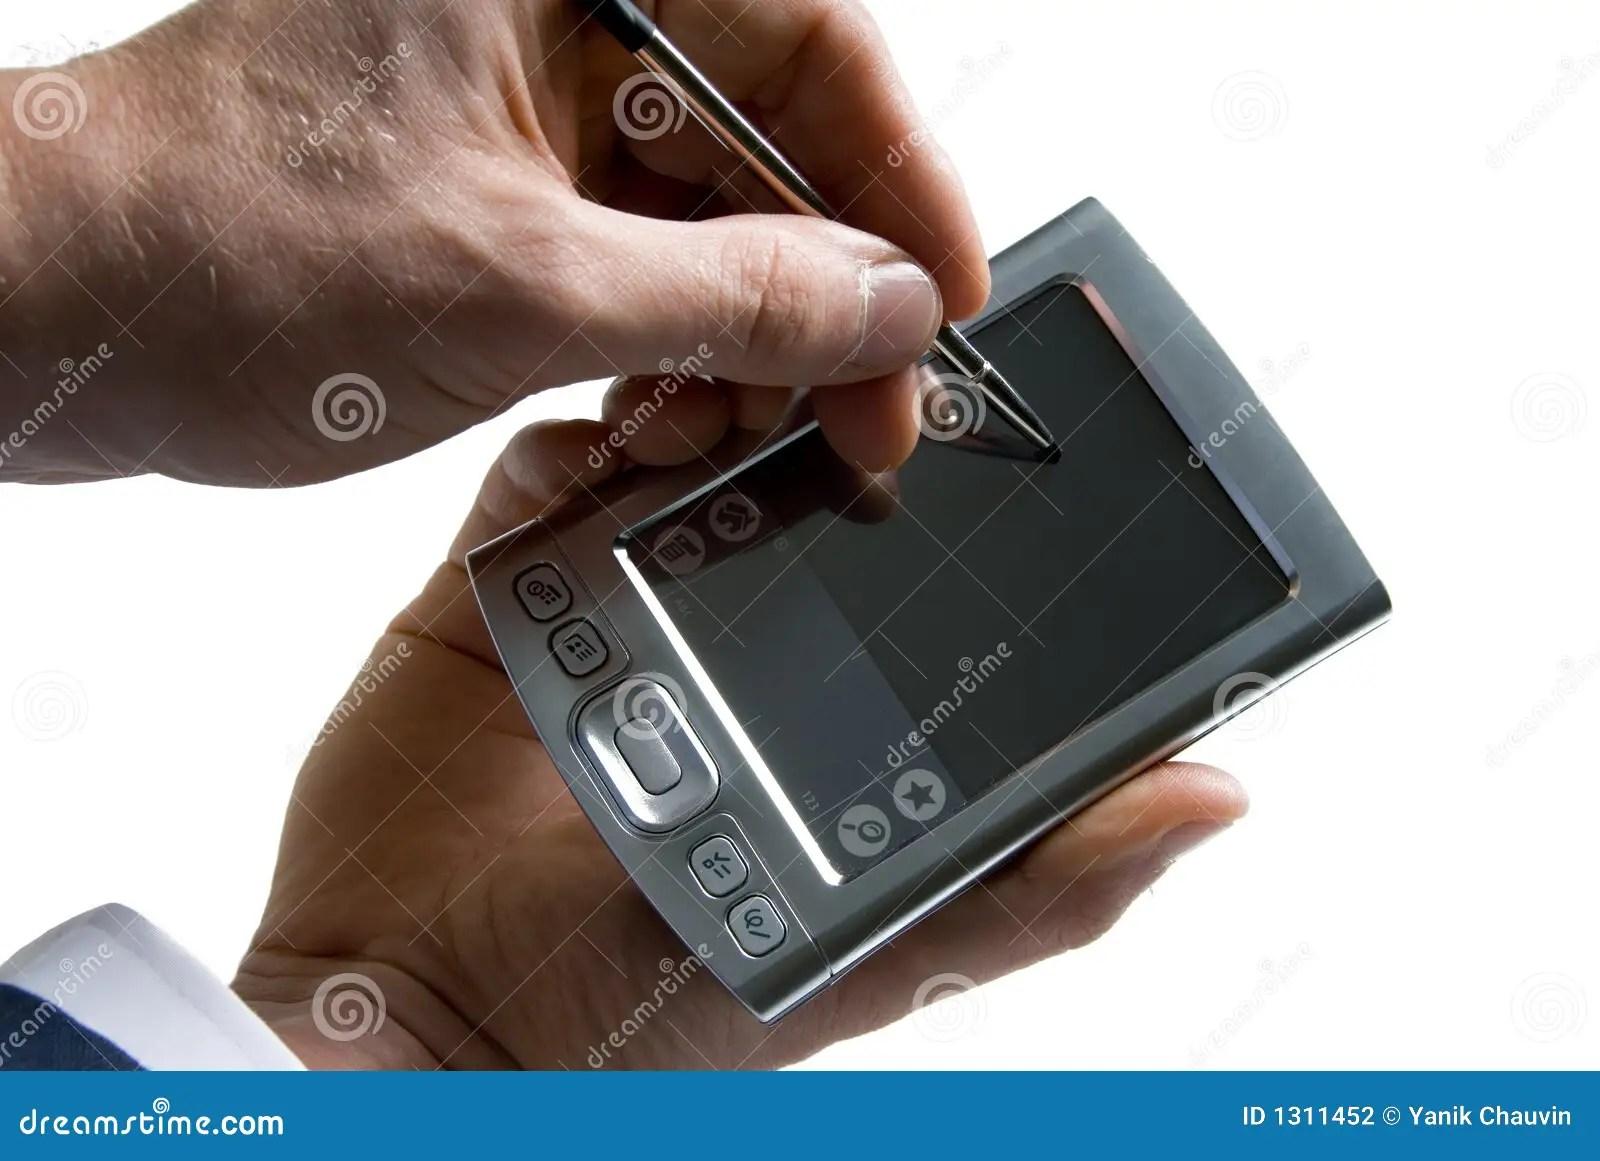 PDA foto de stock. Imagem de - 1311452